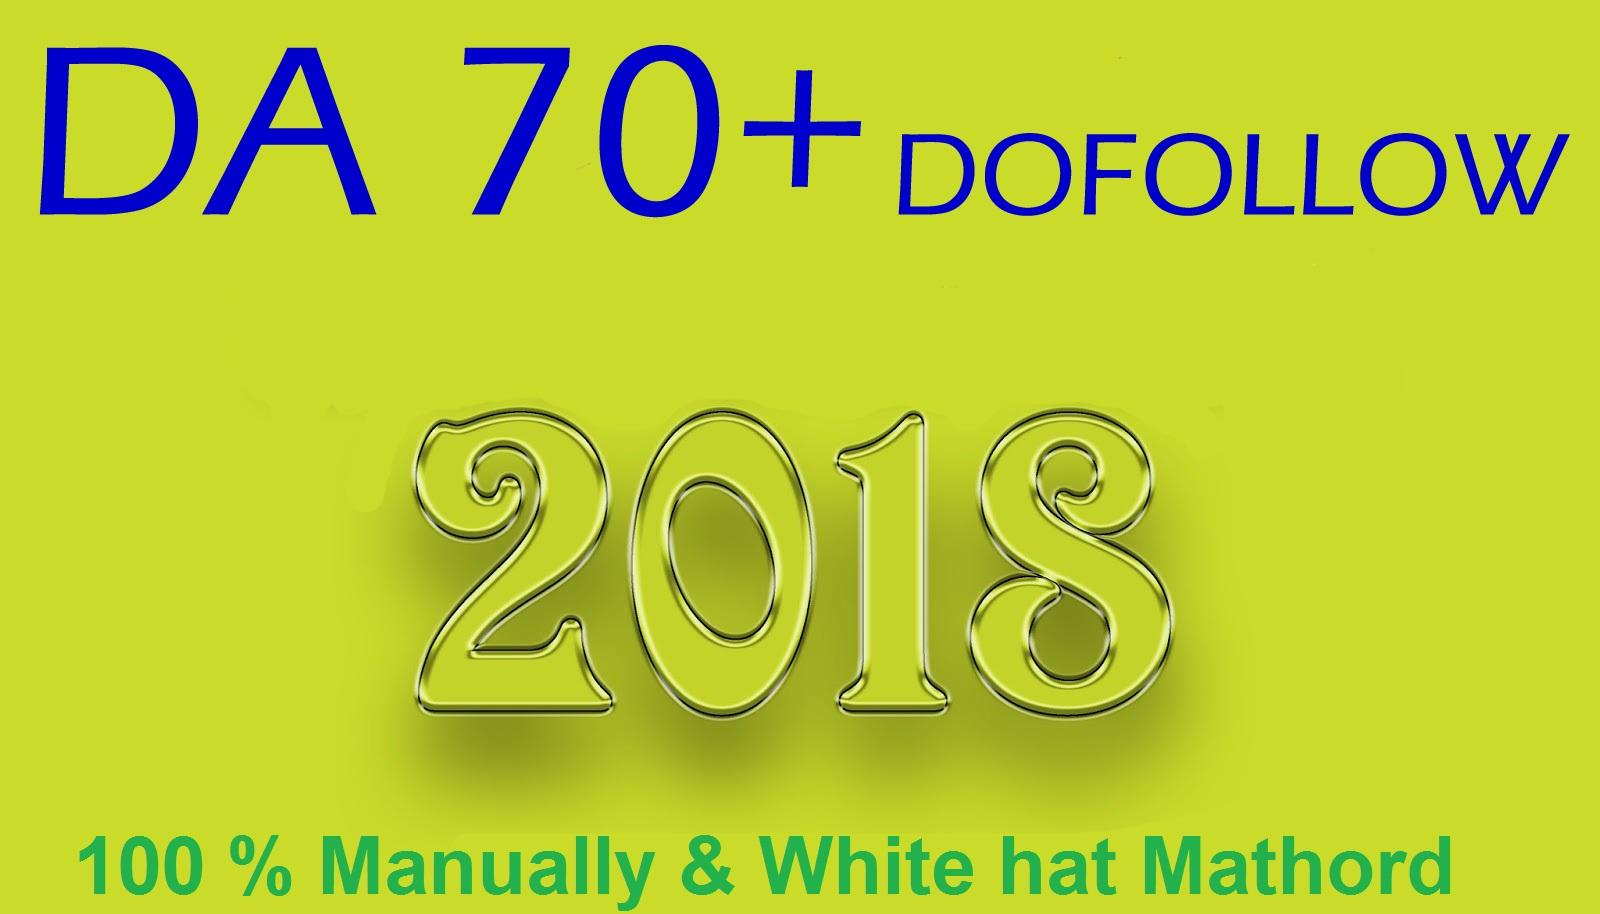 30 Unique Pr9 Da 70+ Dofollow Backlinks SEO Service